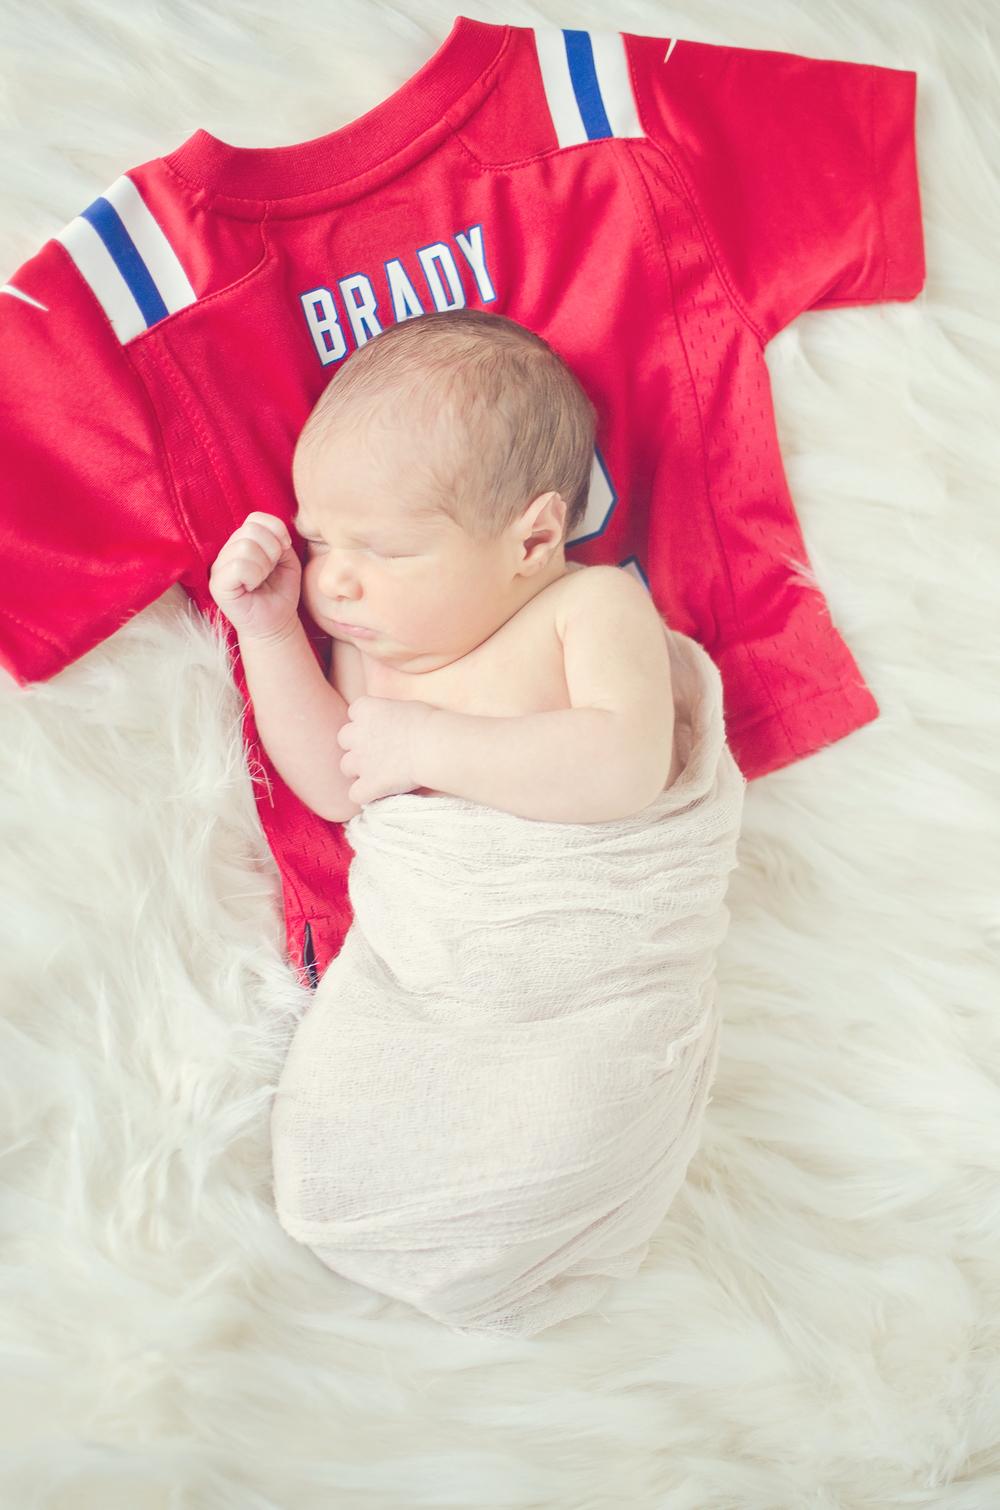 Brady-33.jpg